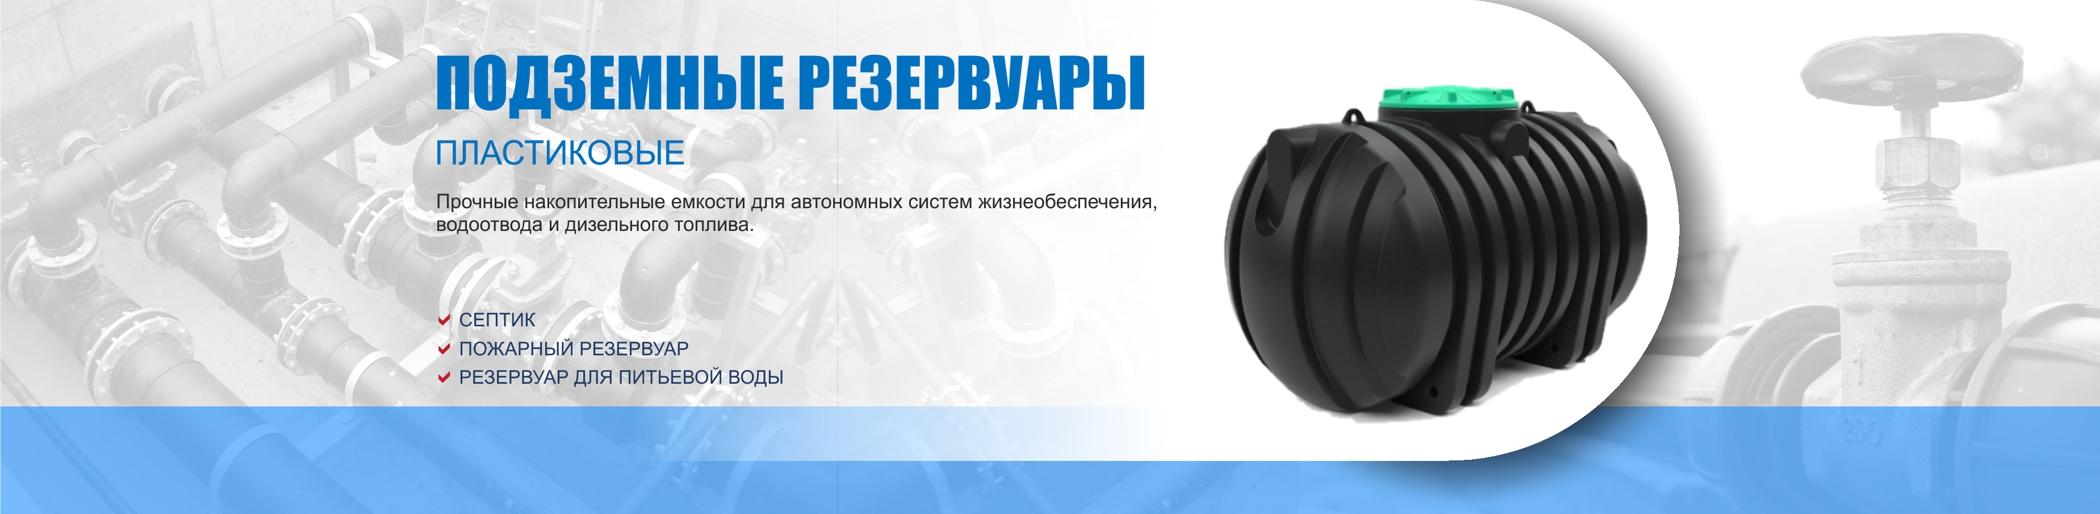 4. Подземные резервуары СОЮЗ